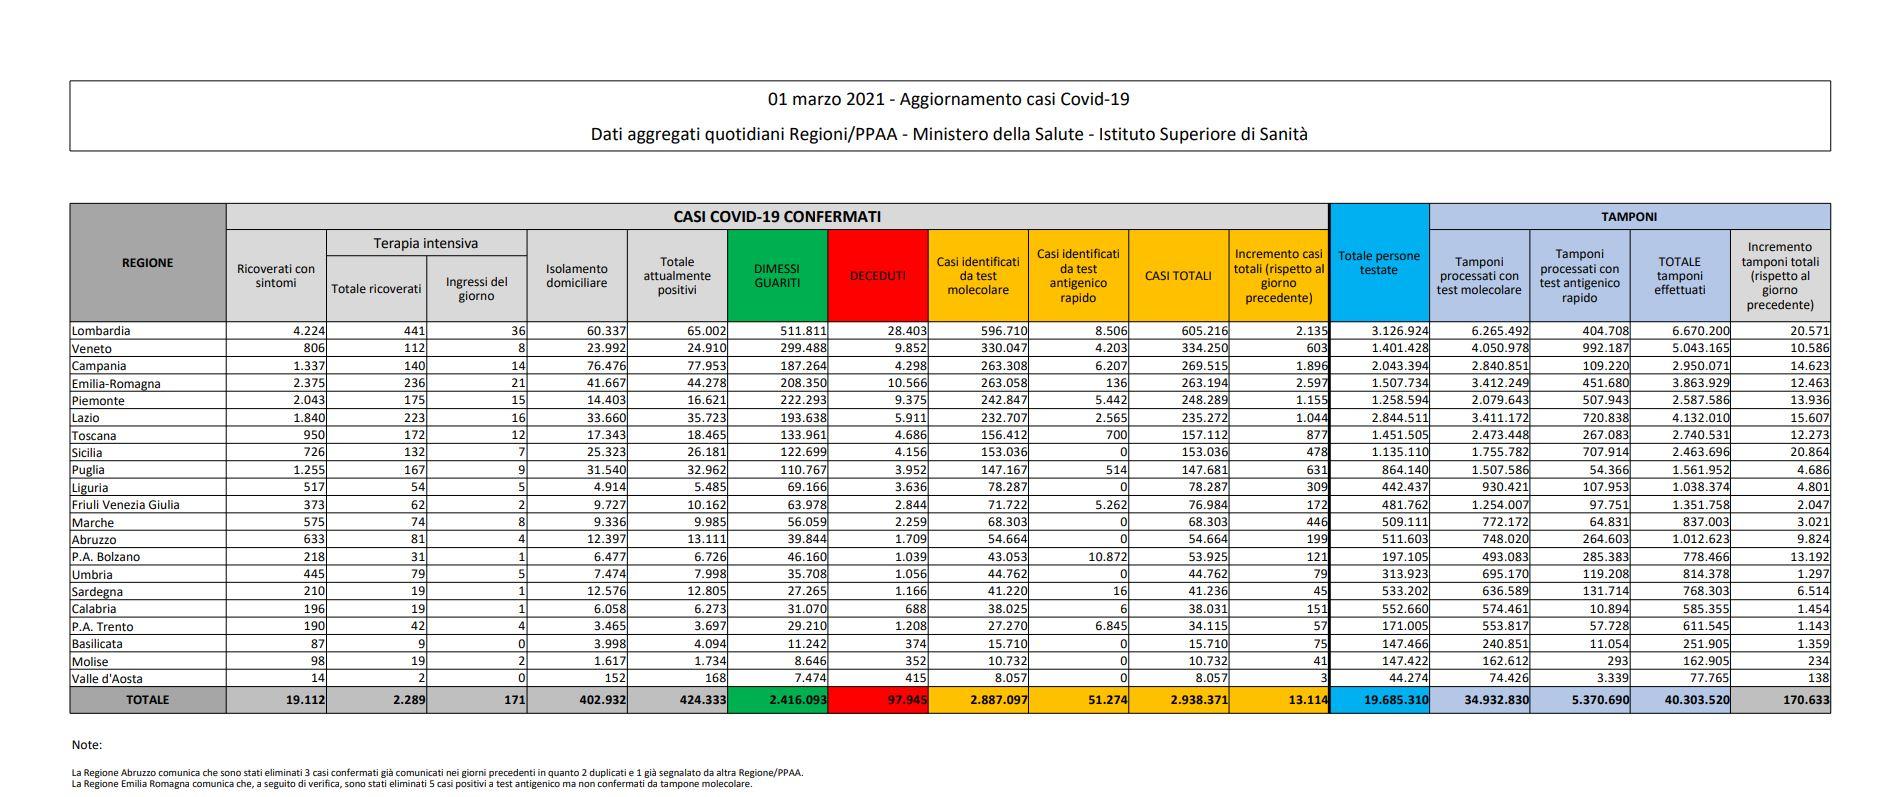 tabella bilancio 1 marzo